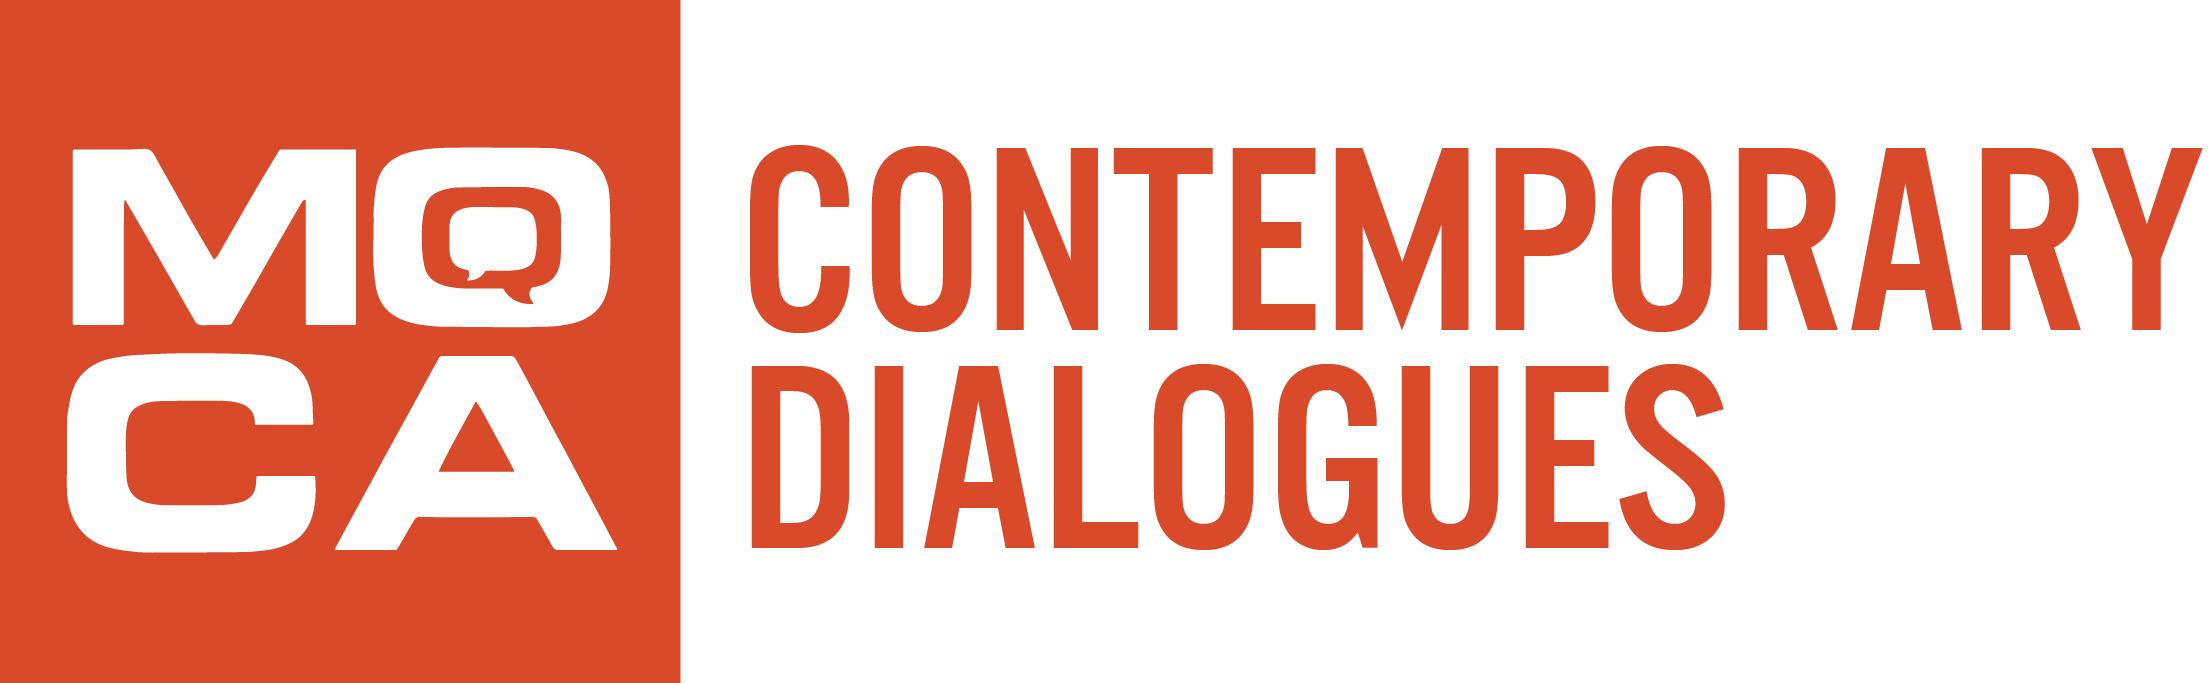 Contemporary Dialogues